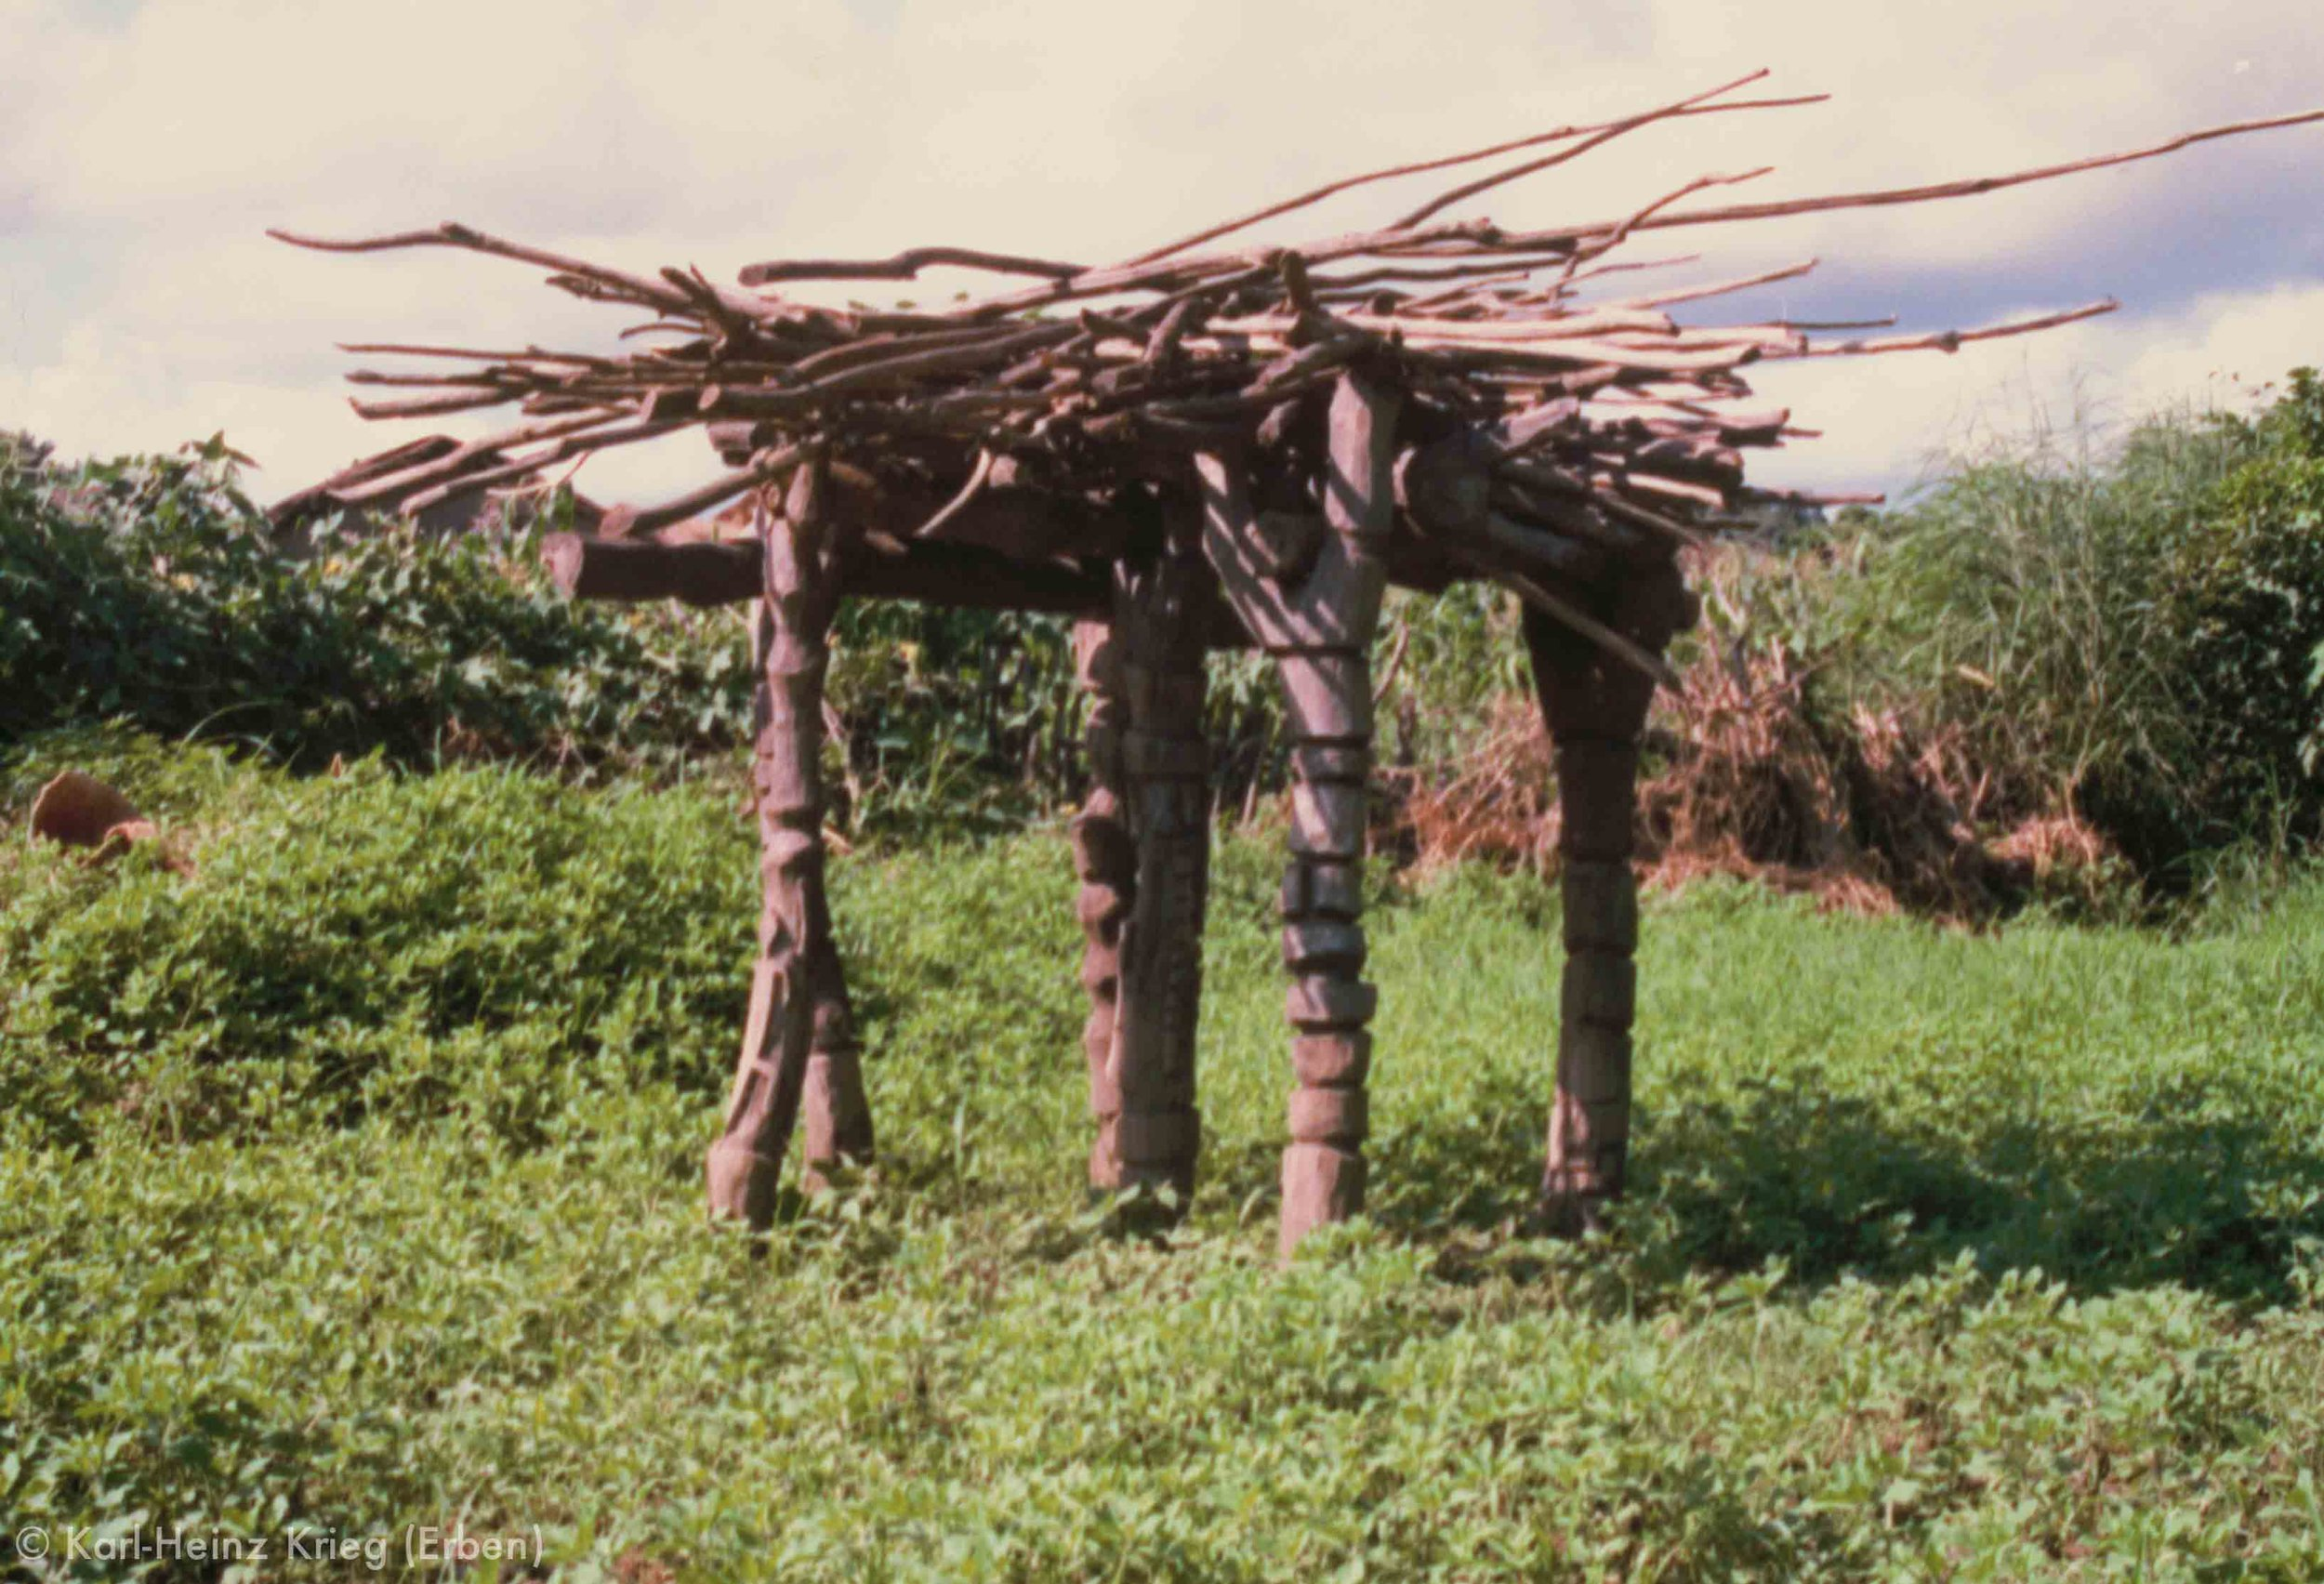 Schattendach der  Plale  im  Wezo , dem Vorhof zum heiligen Hain von Kounoumon. Foto: Karl-Heinz Krieg, Kounoumon (Region von Boundiali, Côte d'Ivoire), 1980